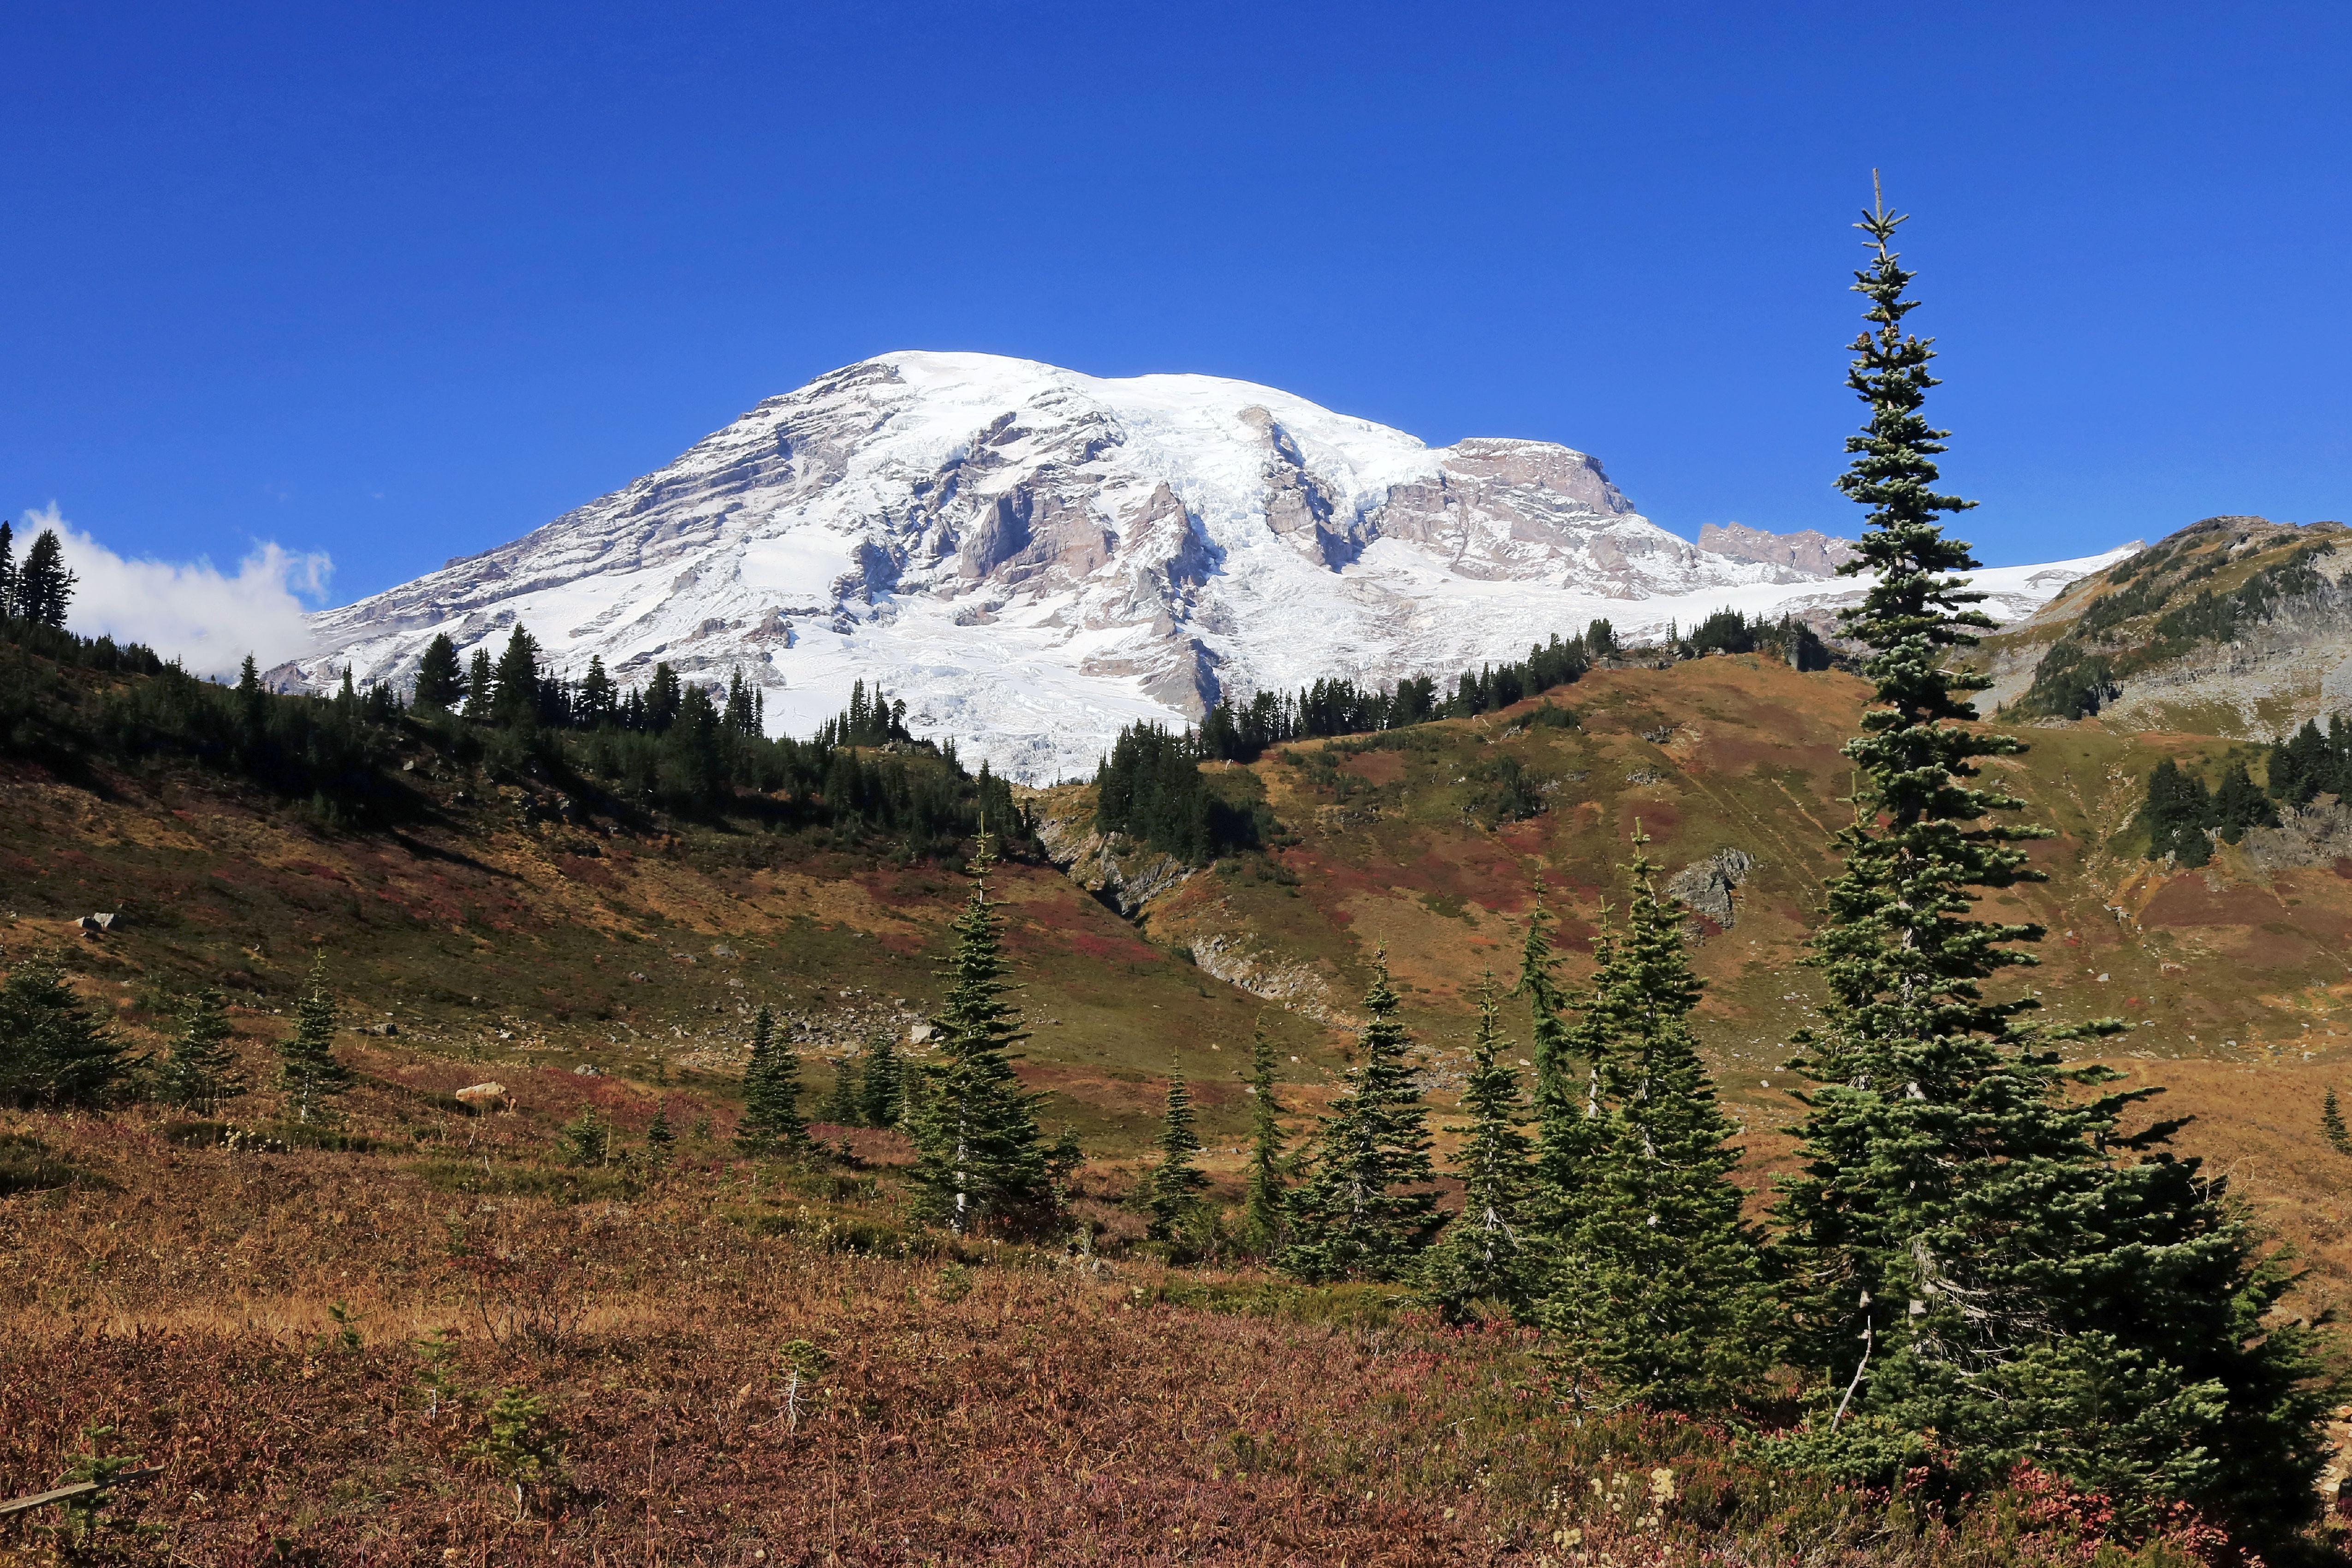 Clear autumn day view of Mount Rainier Washington